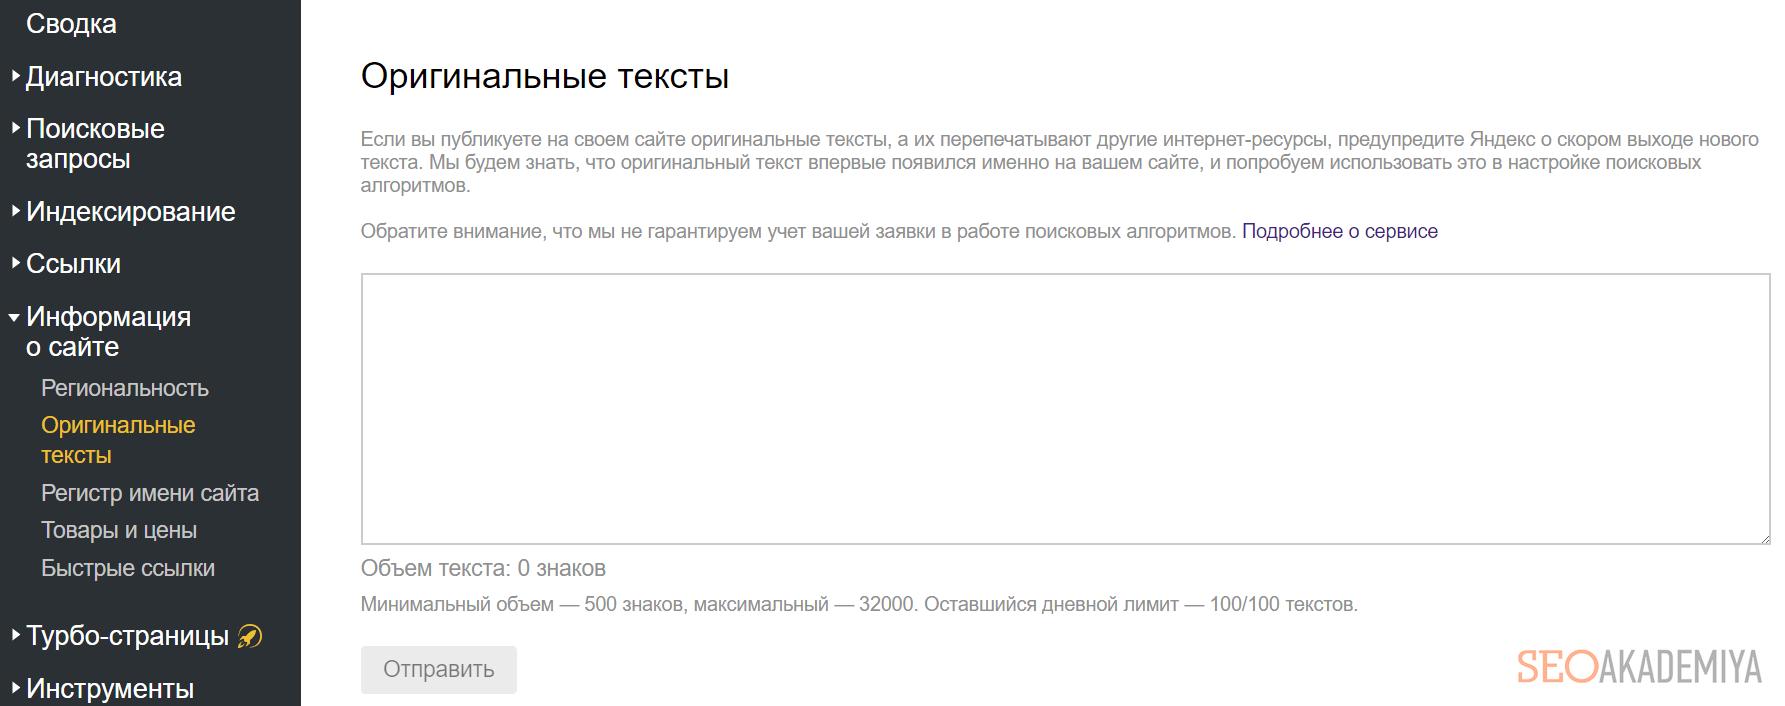 Оригинальный текст в Яндекс